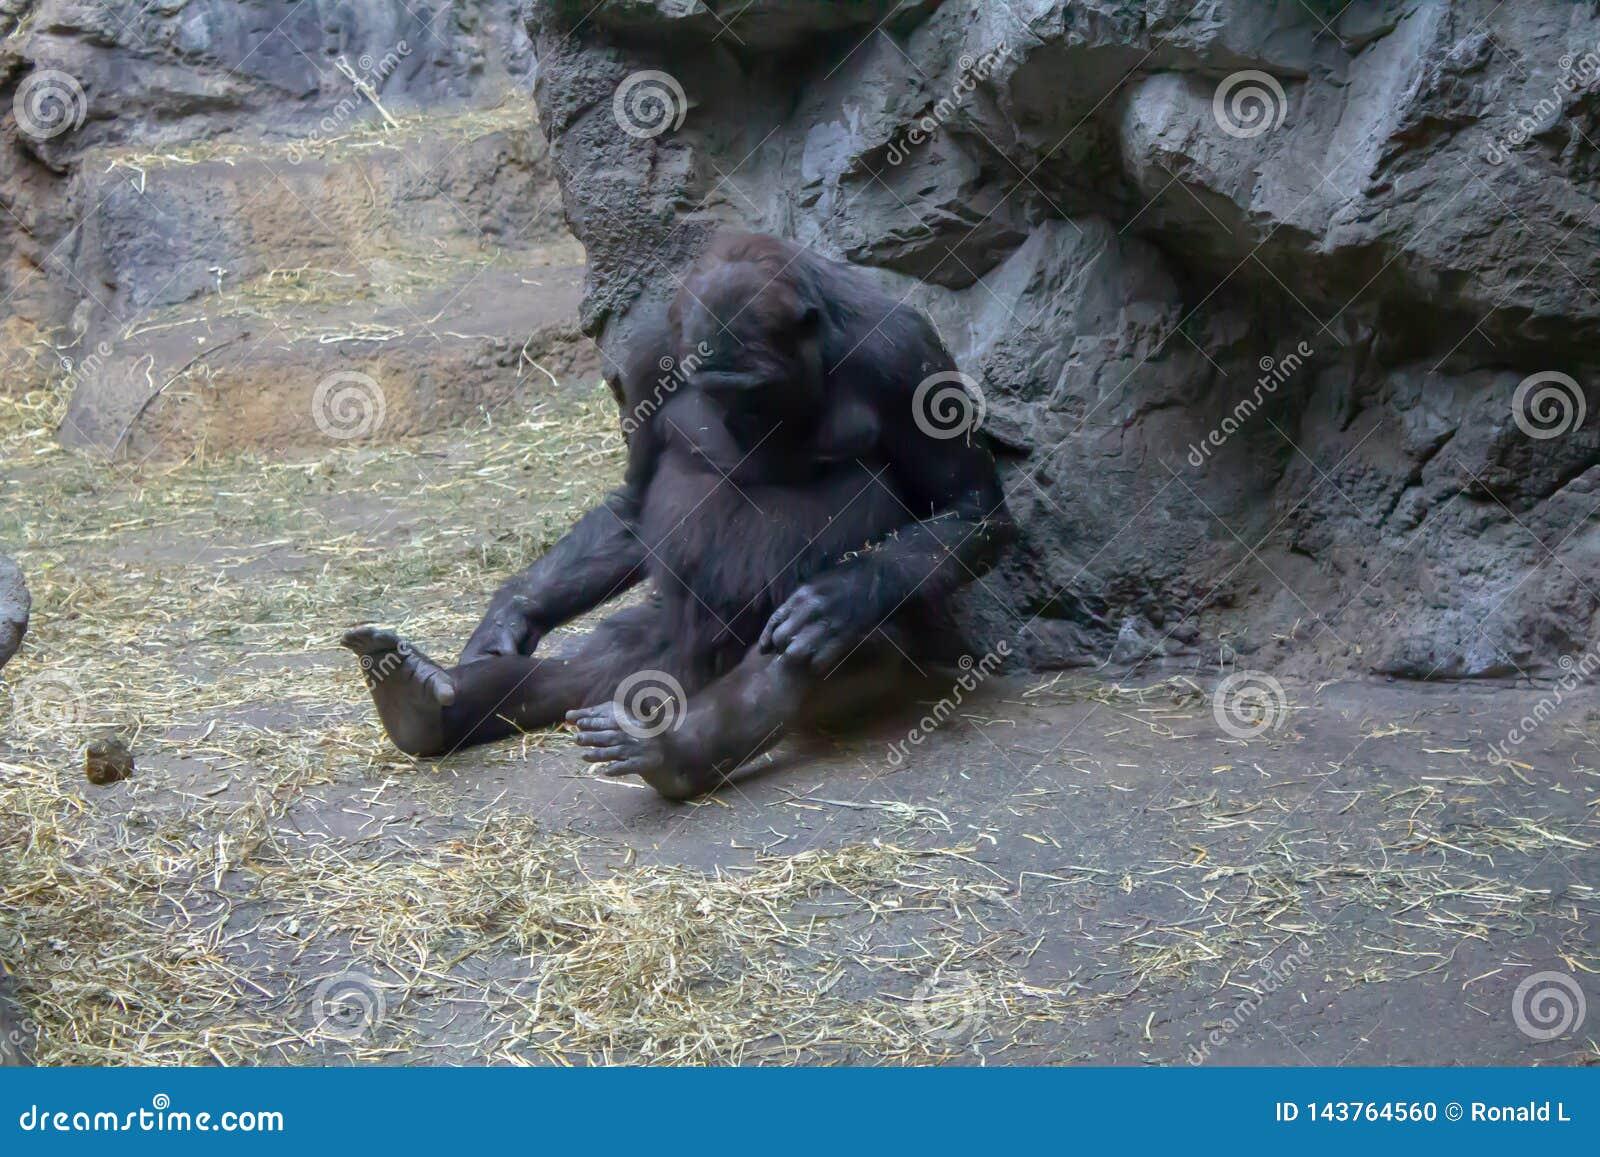 Western Lowland Gorilla checking her knee